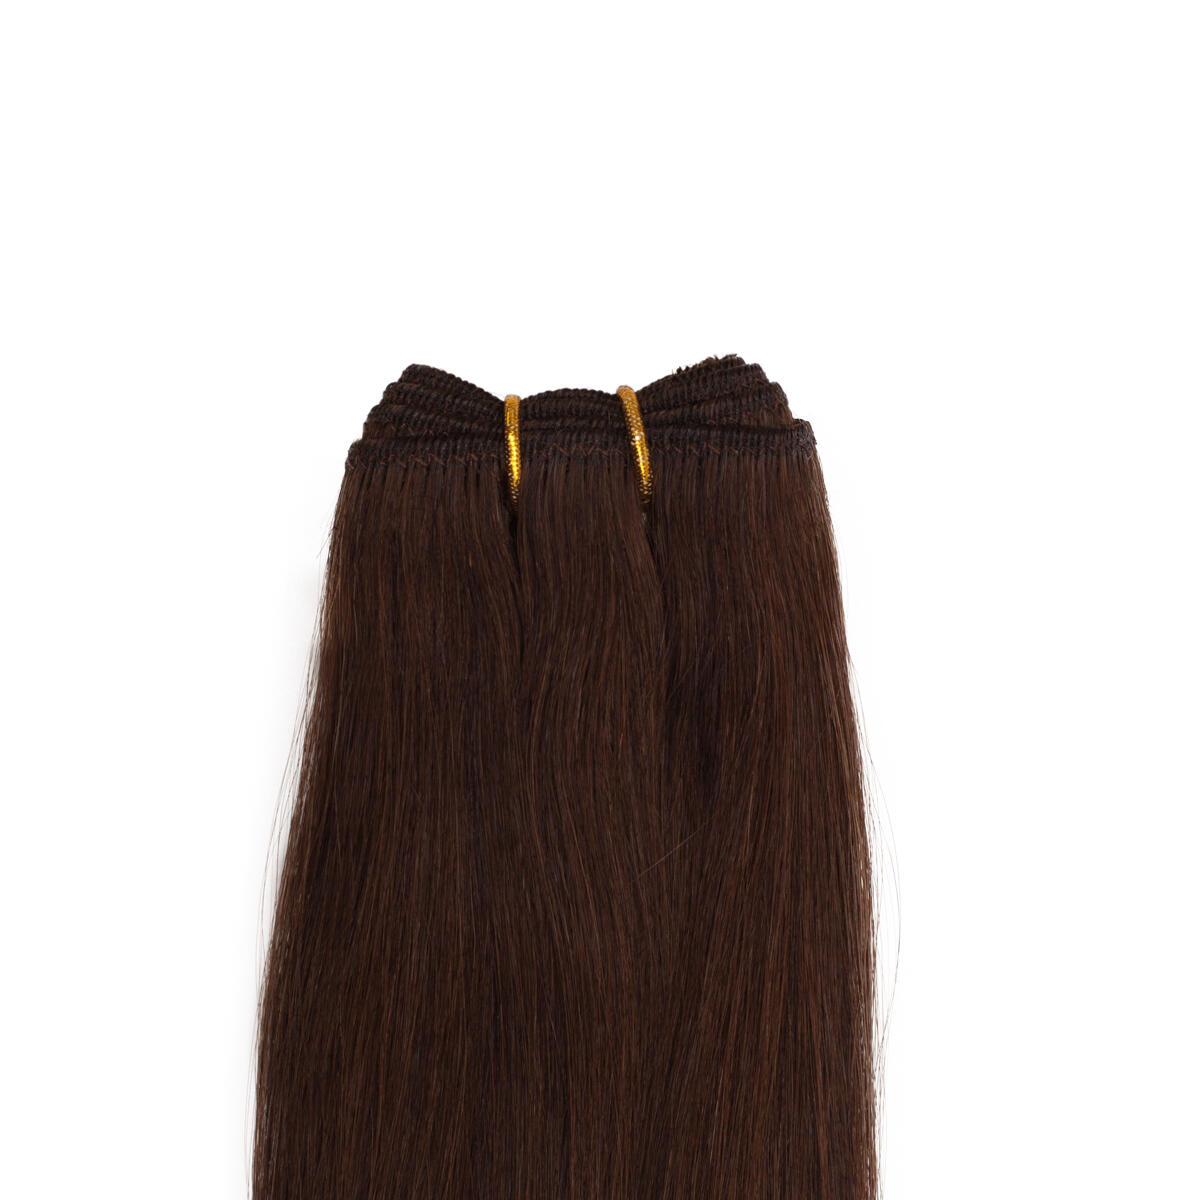 Hair Weft 2.0 Dark Brown 50 cm